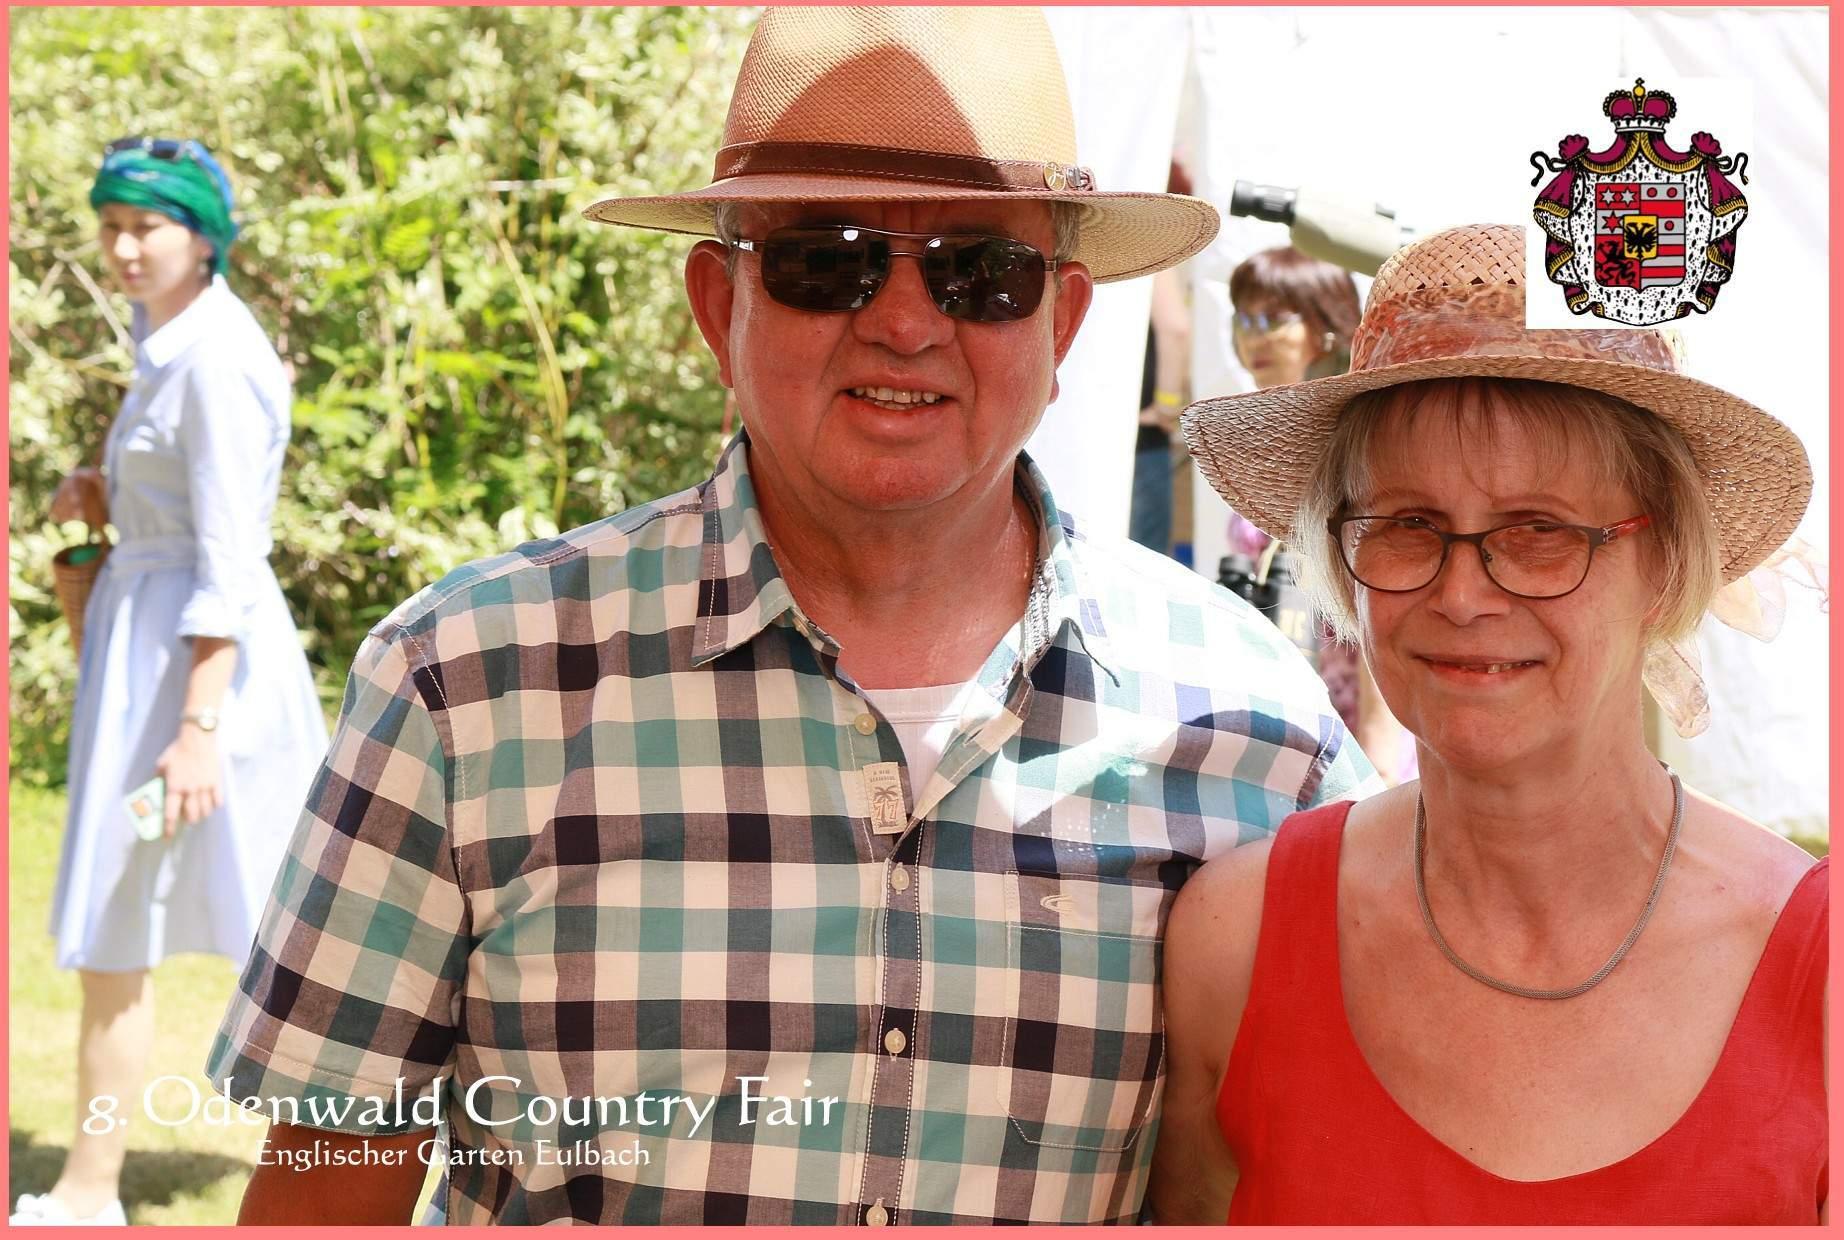 englischer garten eulbach neu 11 odenwald country fair vom 11 bis 14 juni 2020 of englischer garten eulbach